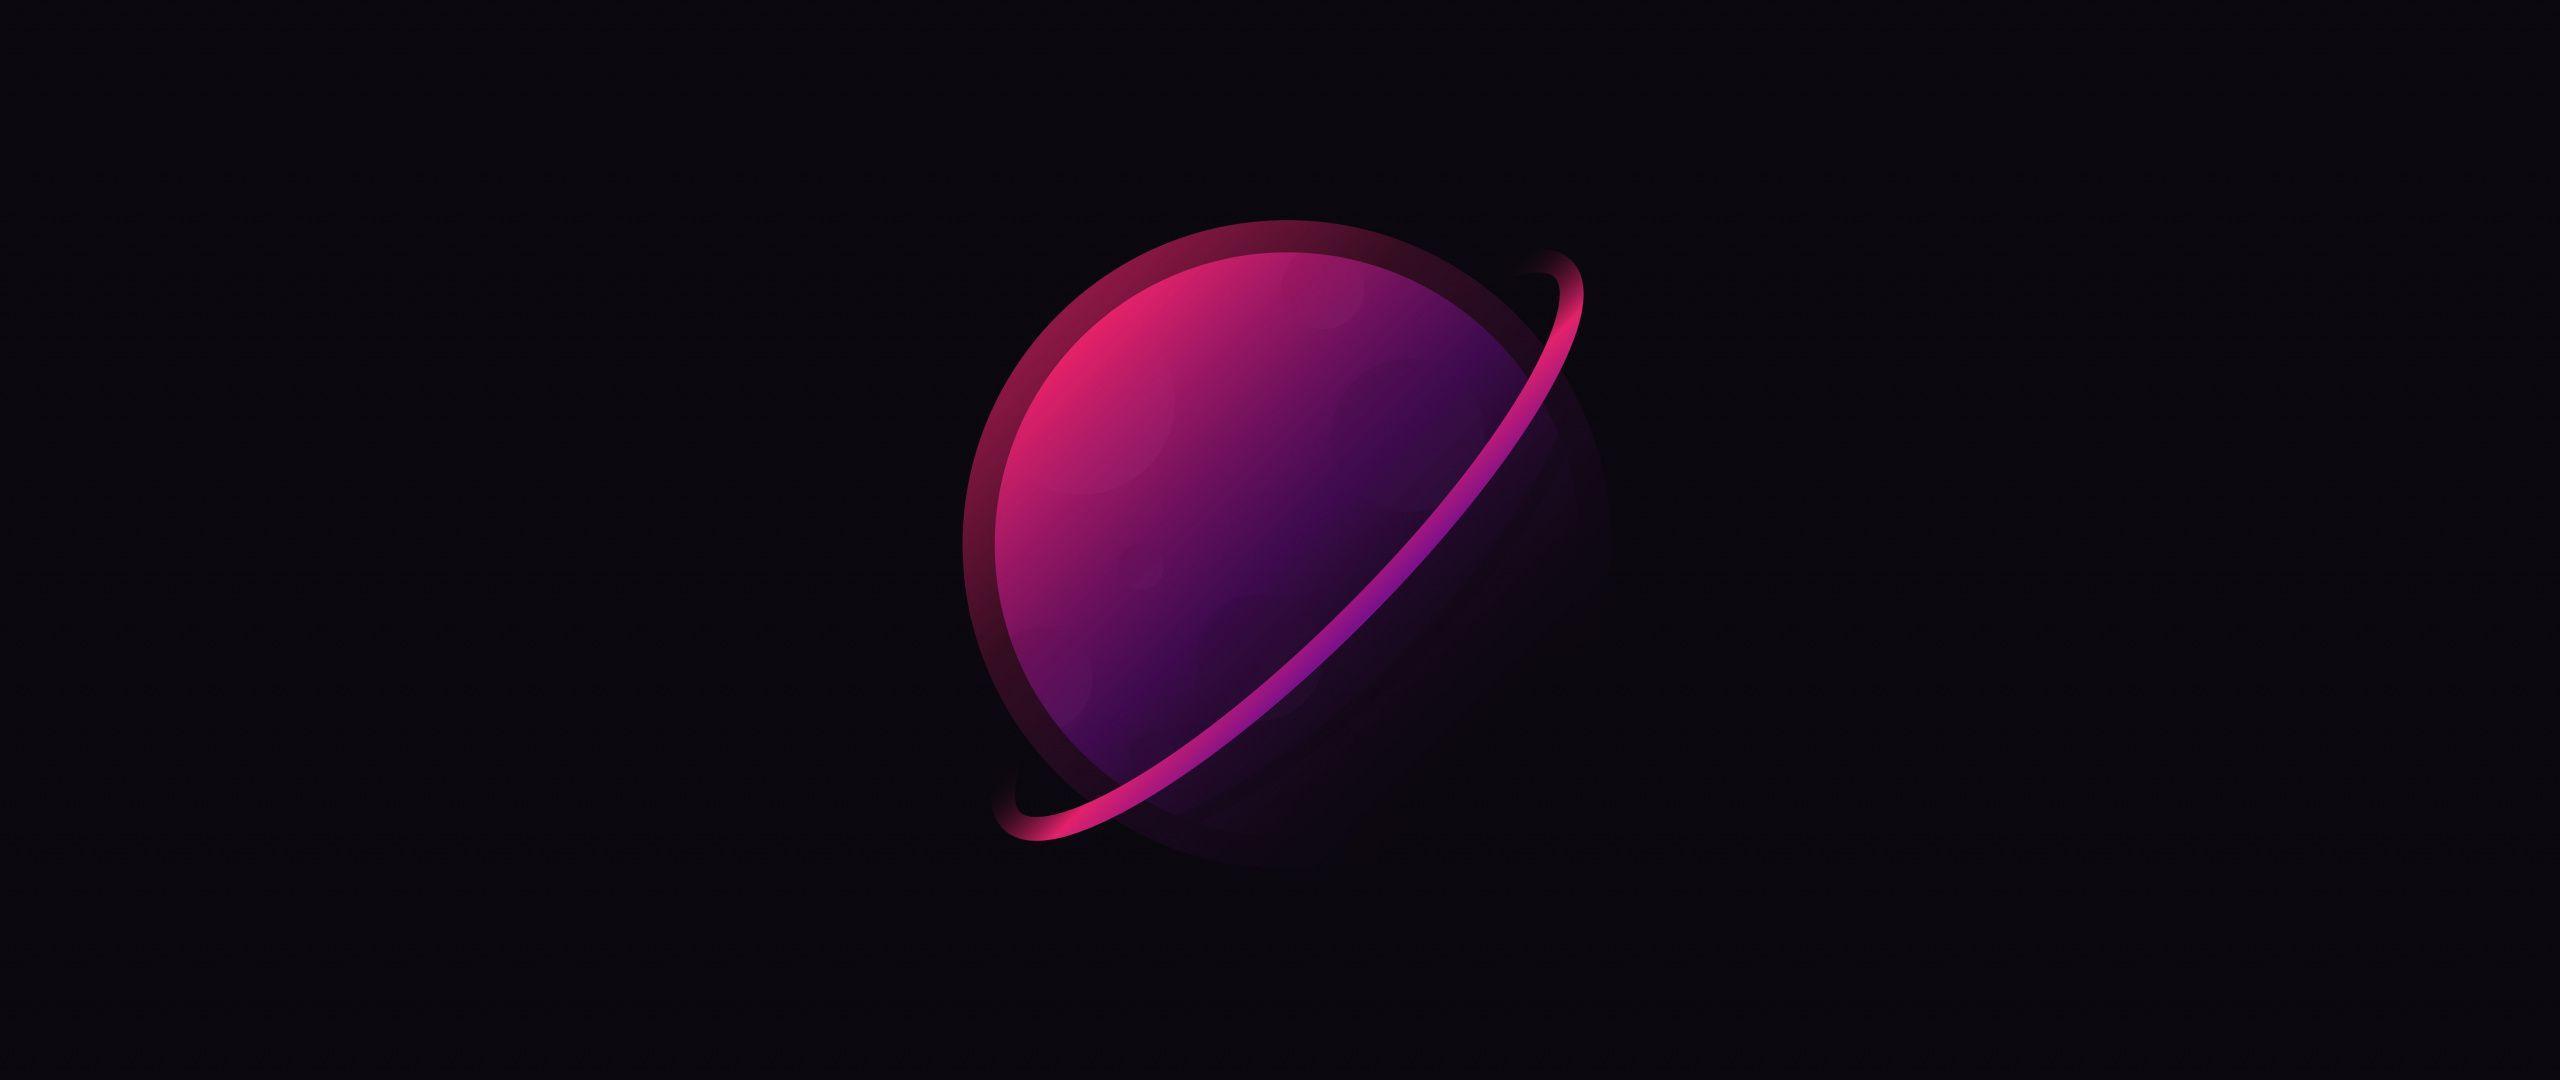 2560x1080 Tải xuống sao Thổ, hành tinh, trừu tượng, hình nền tối giản, 2560x1080